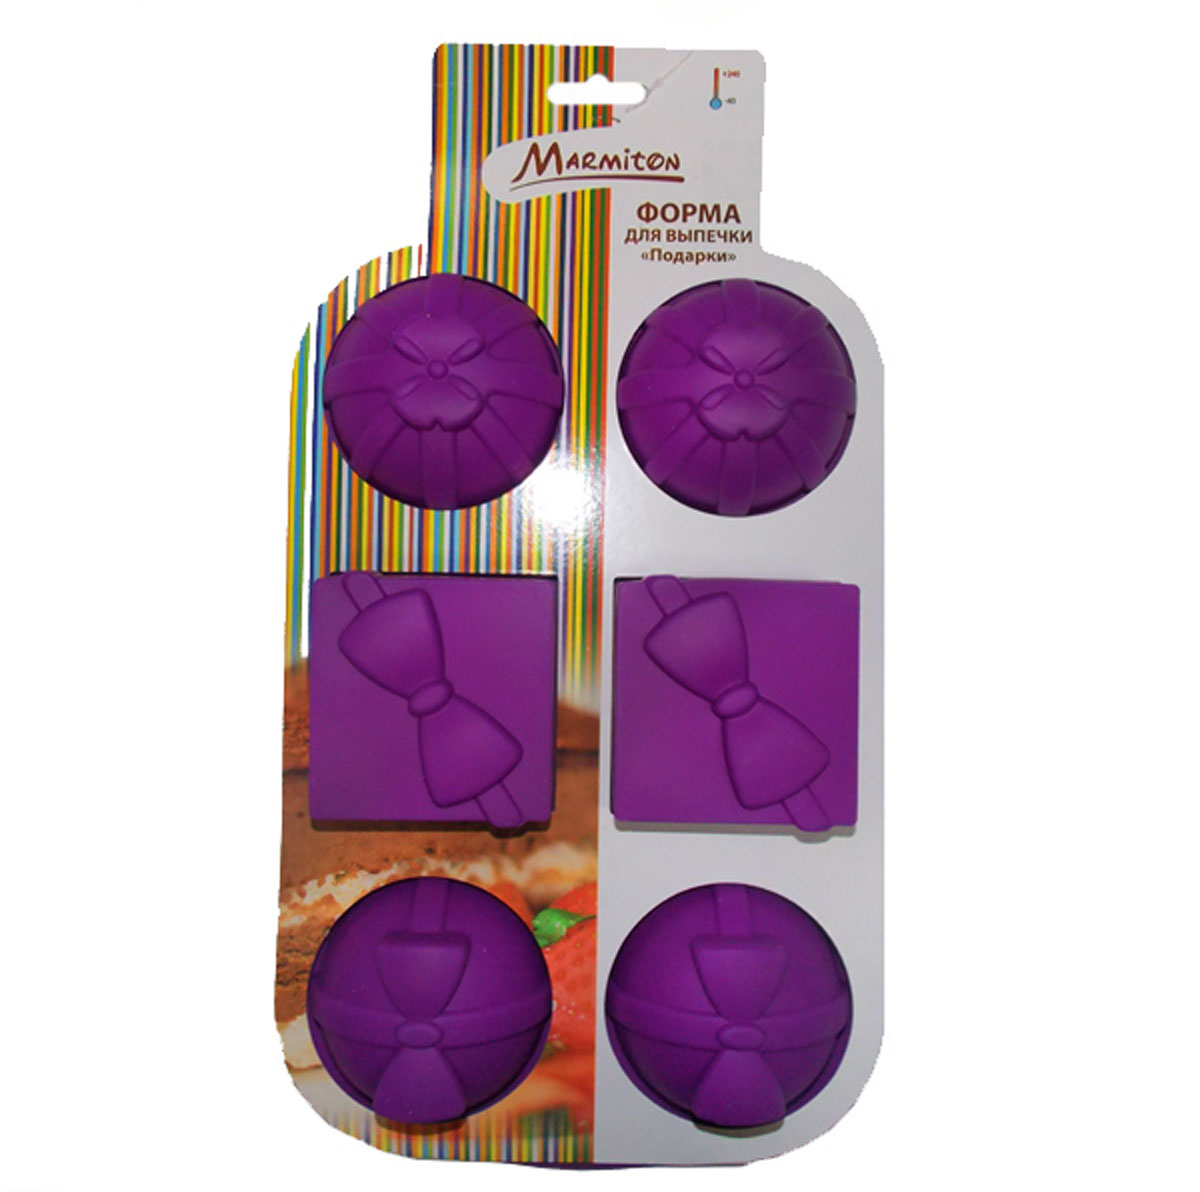 Форма для выпечки Marmiton Подарки, силиконовая, 27,5 х 18 х 3,5 см16083_фиолетовыйФорма для выпечки Marmiton Подарки, выполненная из силикона в виде различных фигур будет отличным выбором для всех любителей бисквитов и кексов. Форма обладает естественными антипригарными свойствами. Неприлипающая поверхность идеальна для духовки, морозильника, микроволновой печи и аэрогриля. Готовую выпечку или мармелад вынимать легко и просто.С такой формой вы всегда сможете порадовать своих близких оригинальным изделием. Материал устойчив к фруктовым кислотам, может быть использован в духовках и микроволновых печах (выдерживает температуру от 230°C до - 40°C). Можно мыть и сушить в посудомоечной машине.